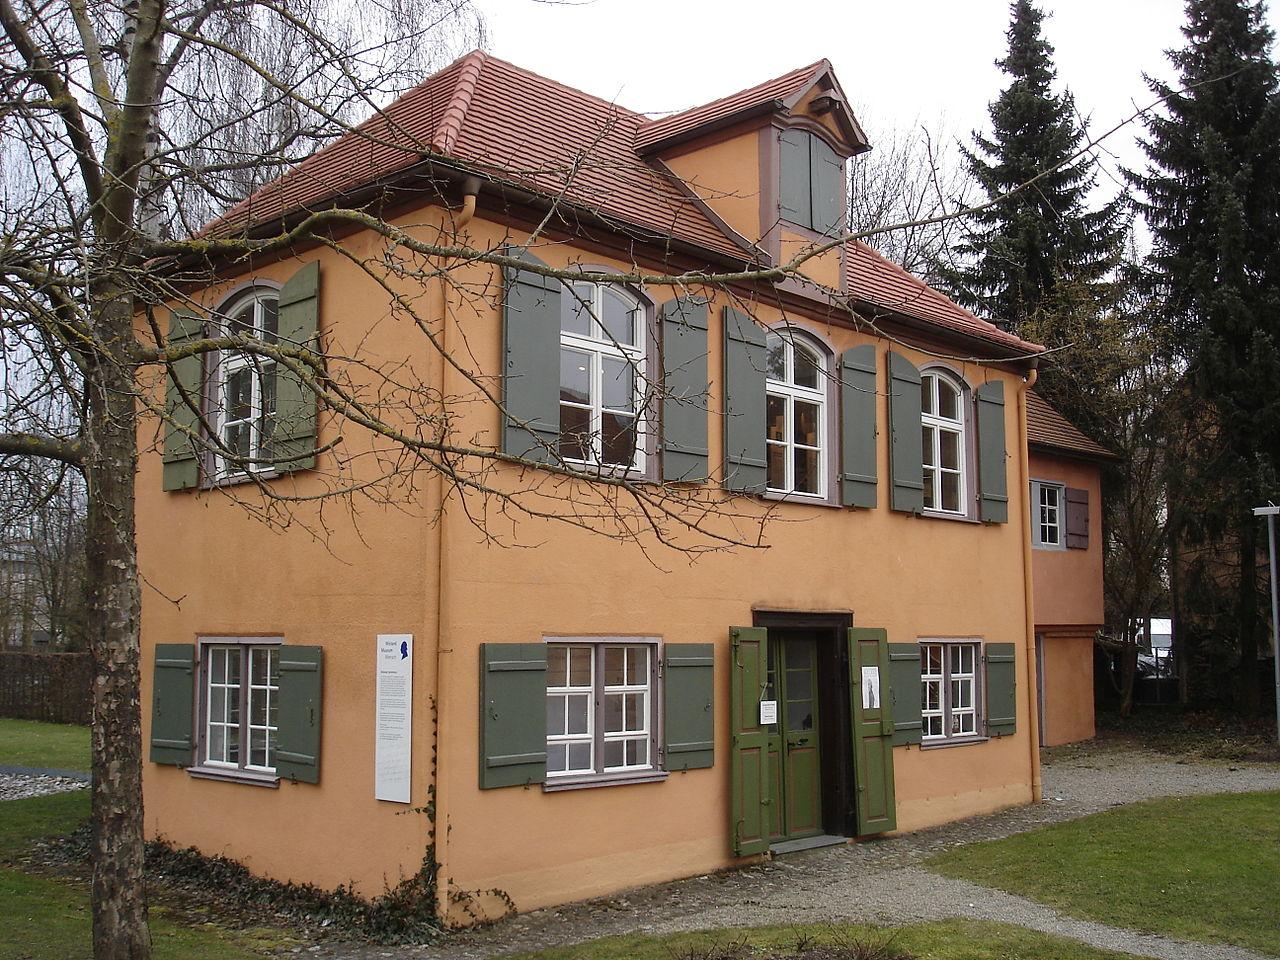 Bild Wieland Museum Biberach an der Riß